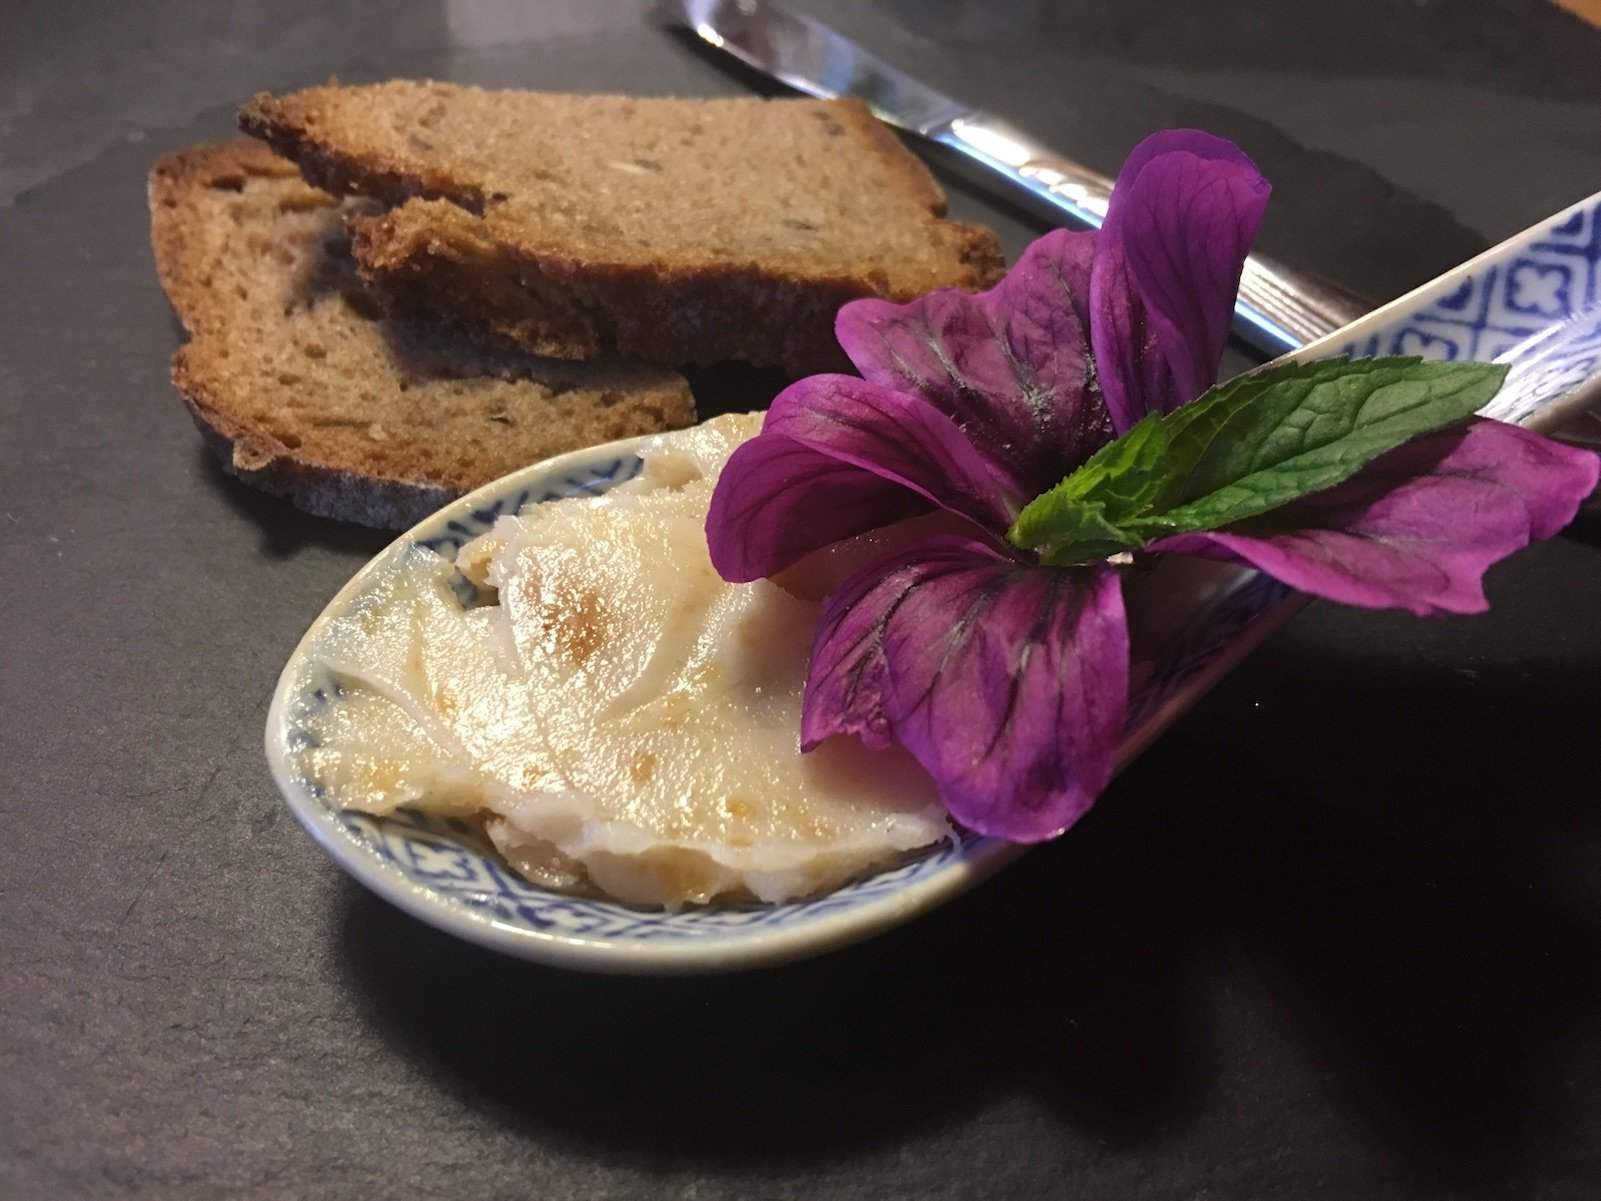 Lecker Schmalz und Brot vorneweg